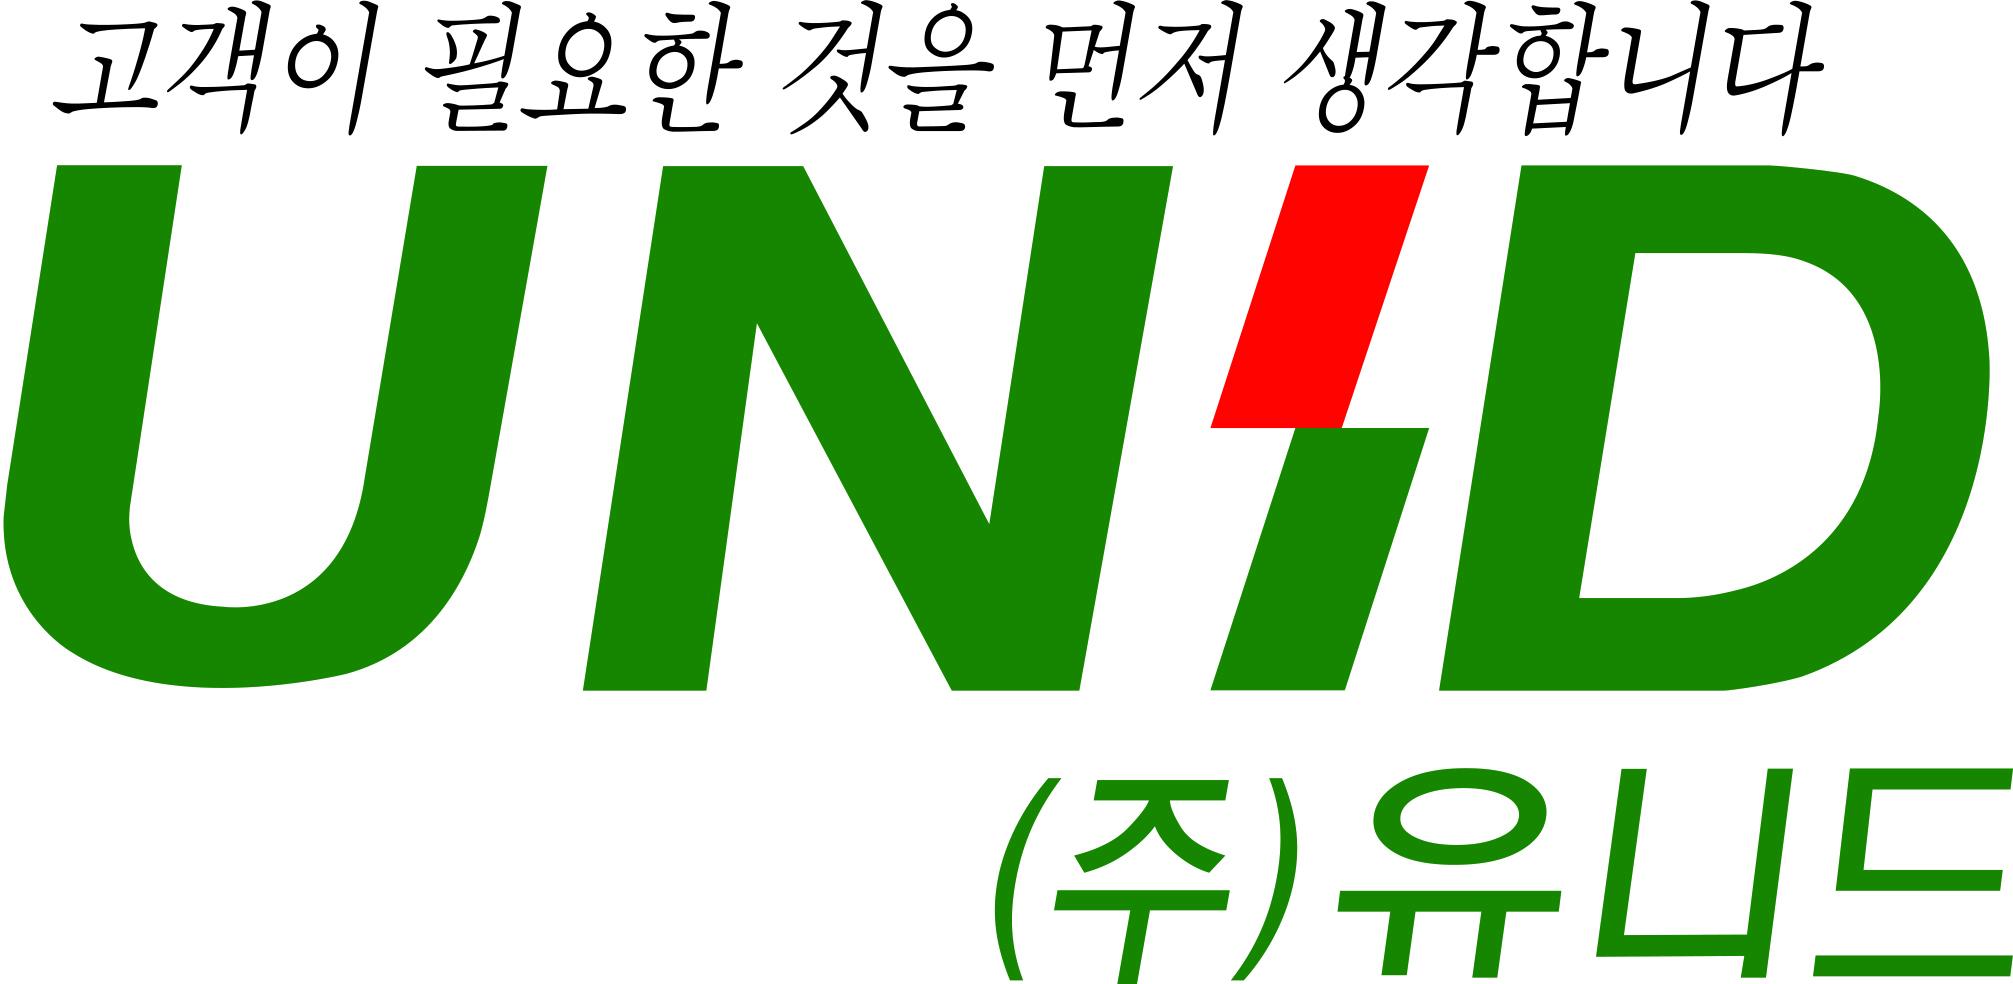 유니드_올고다 브랜드 런칭